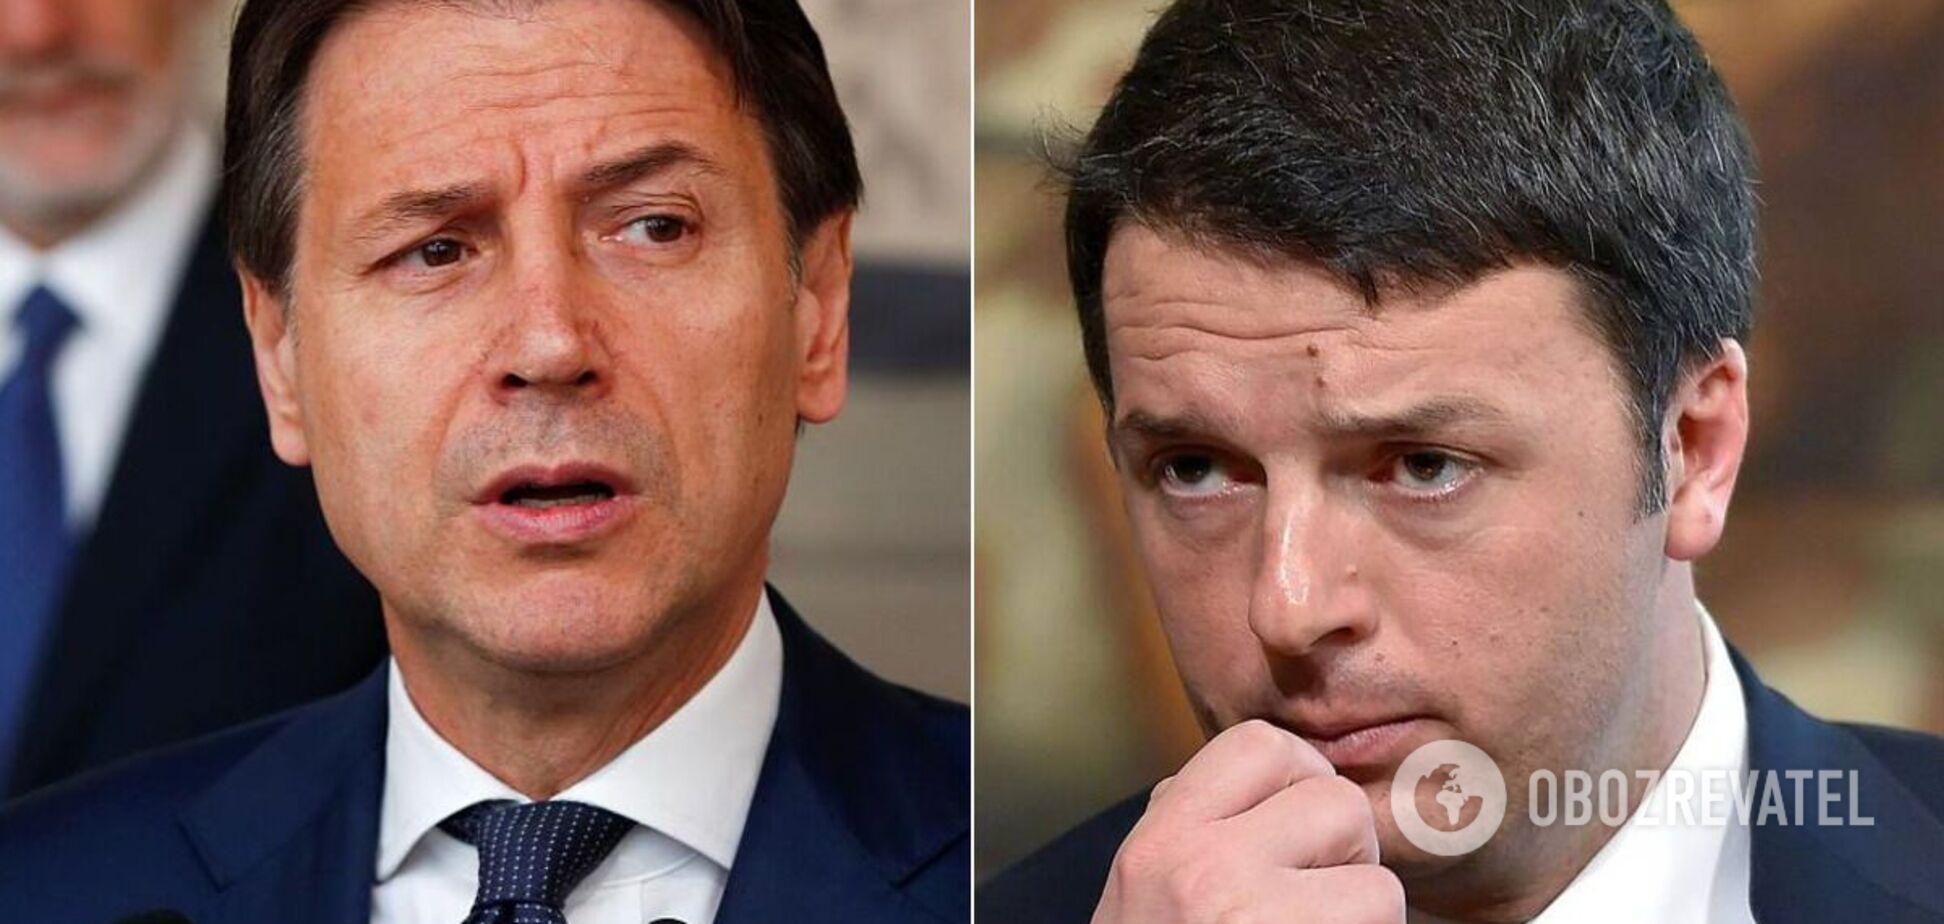 Конфликт между Конте и Ренци обострился в декабре 2020 года